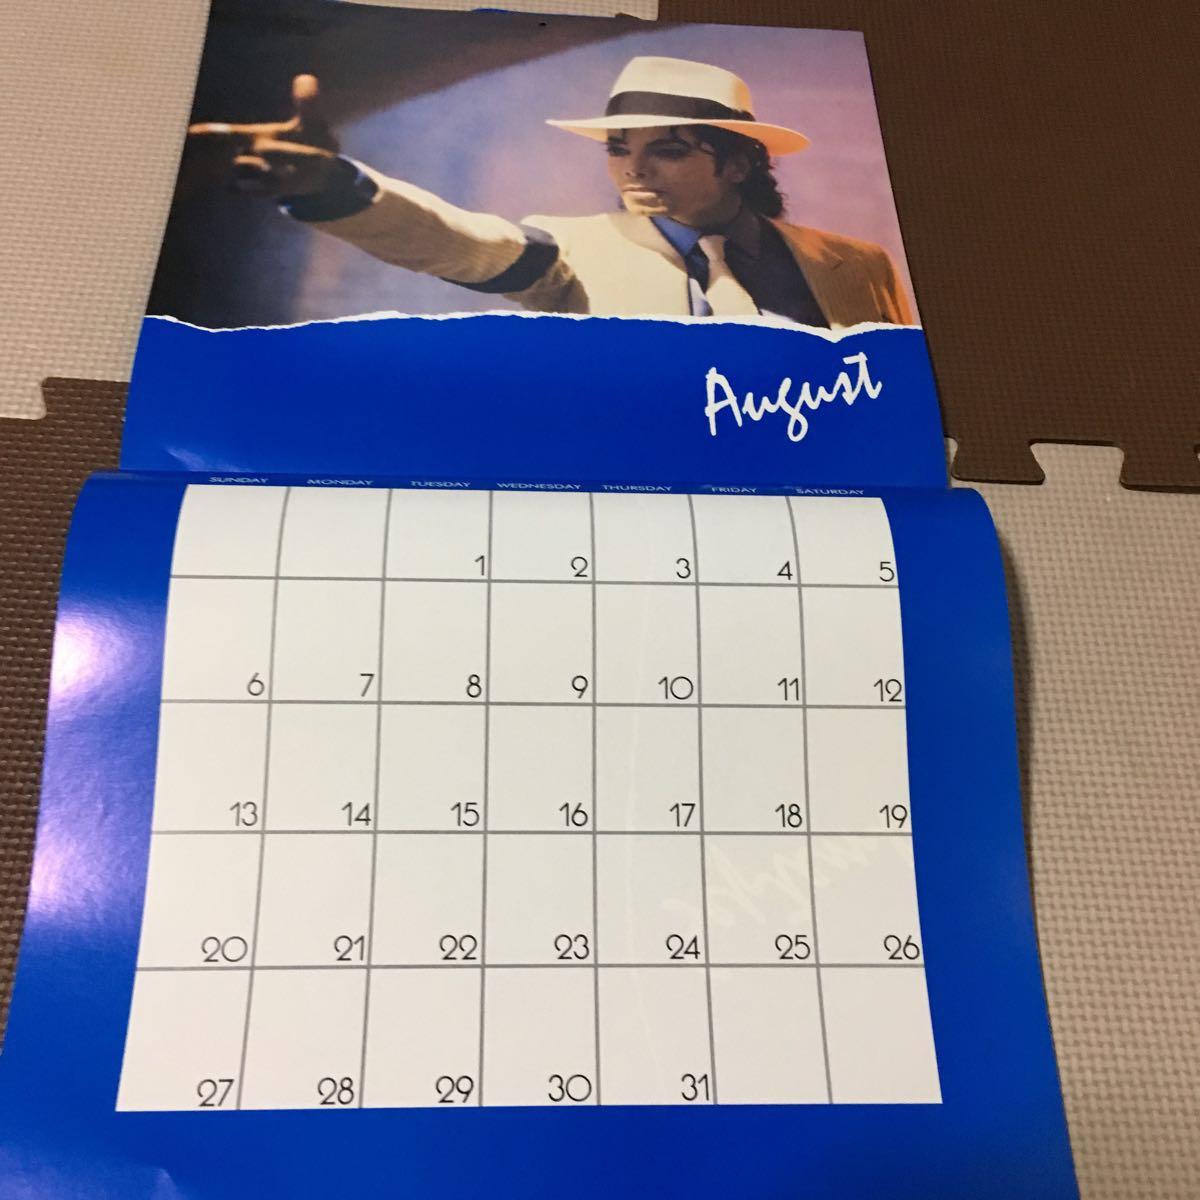 マイケルジャクソン カレンダー ムーンウォーカー 1989年(輸入版)_画像5